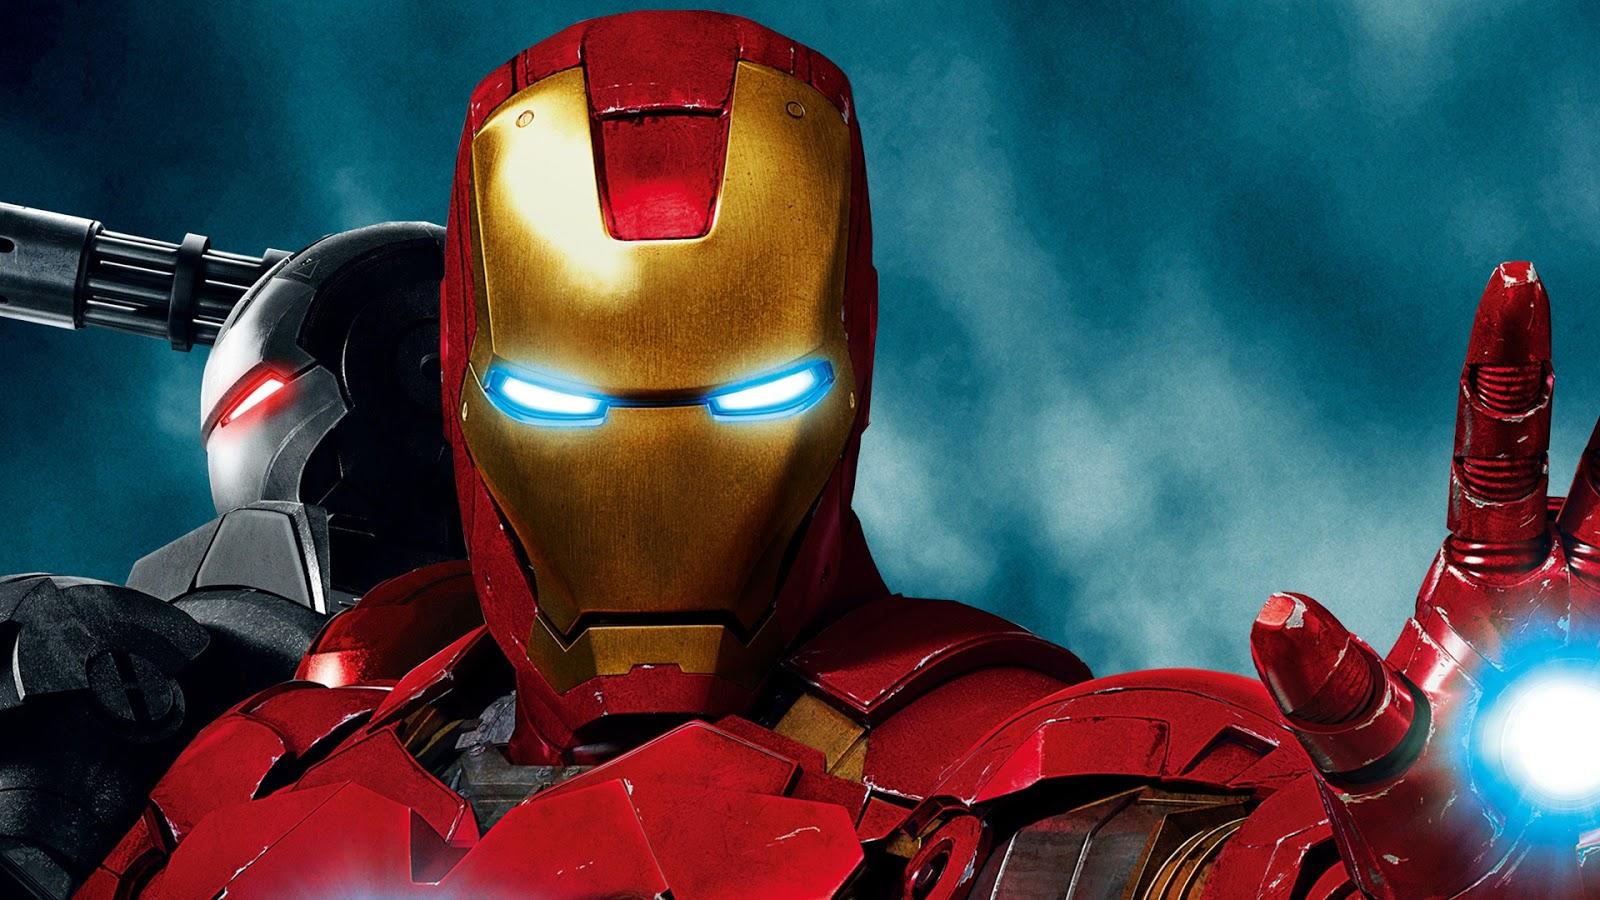 Amazing Iron Man 2